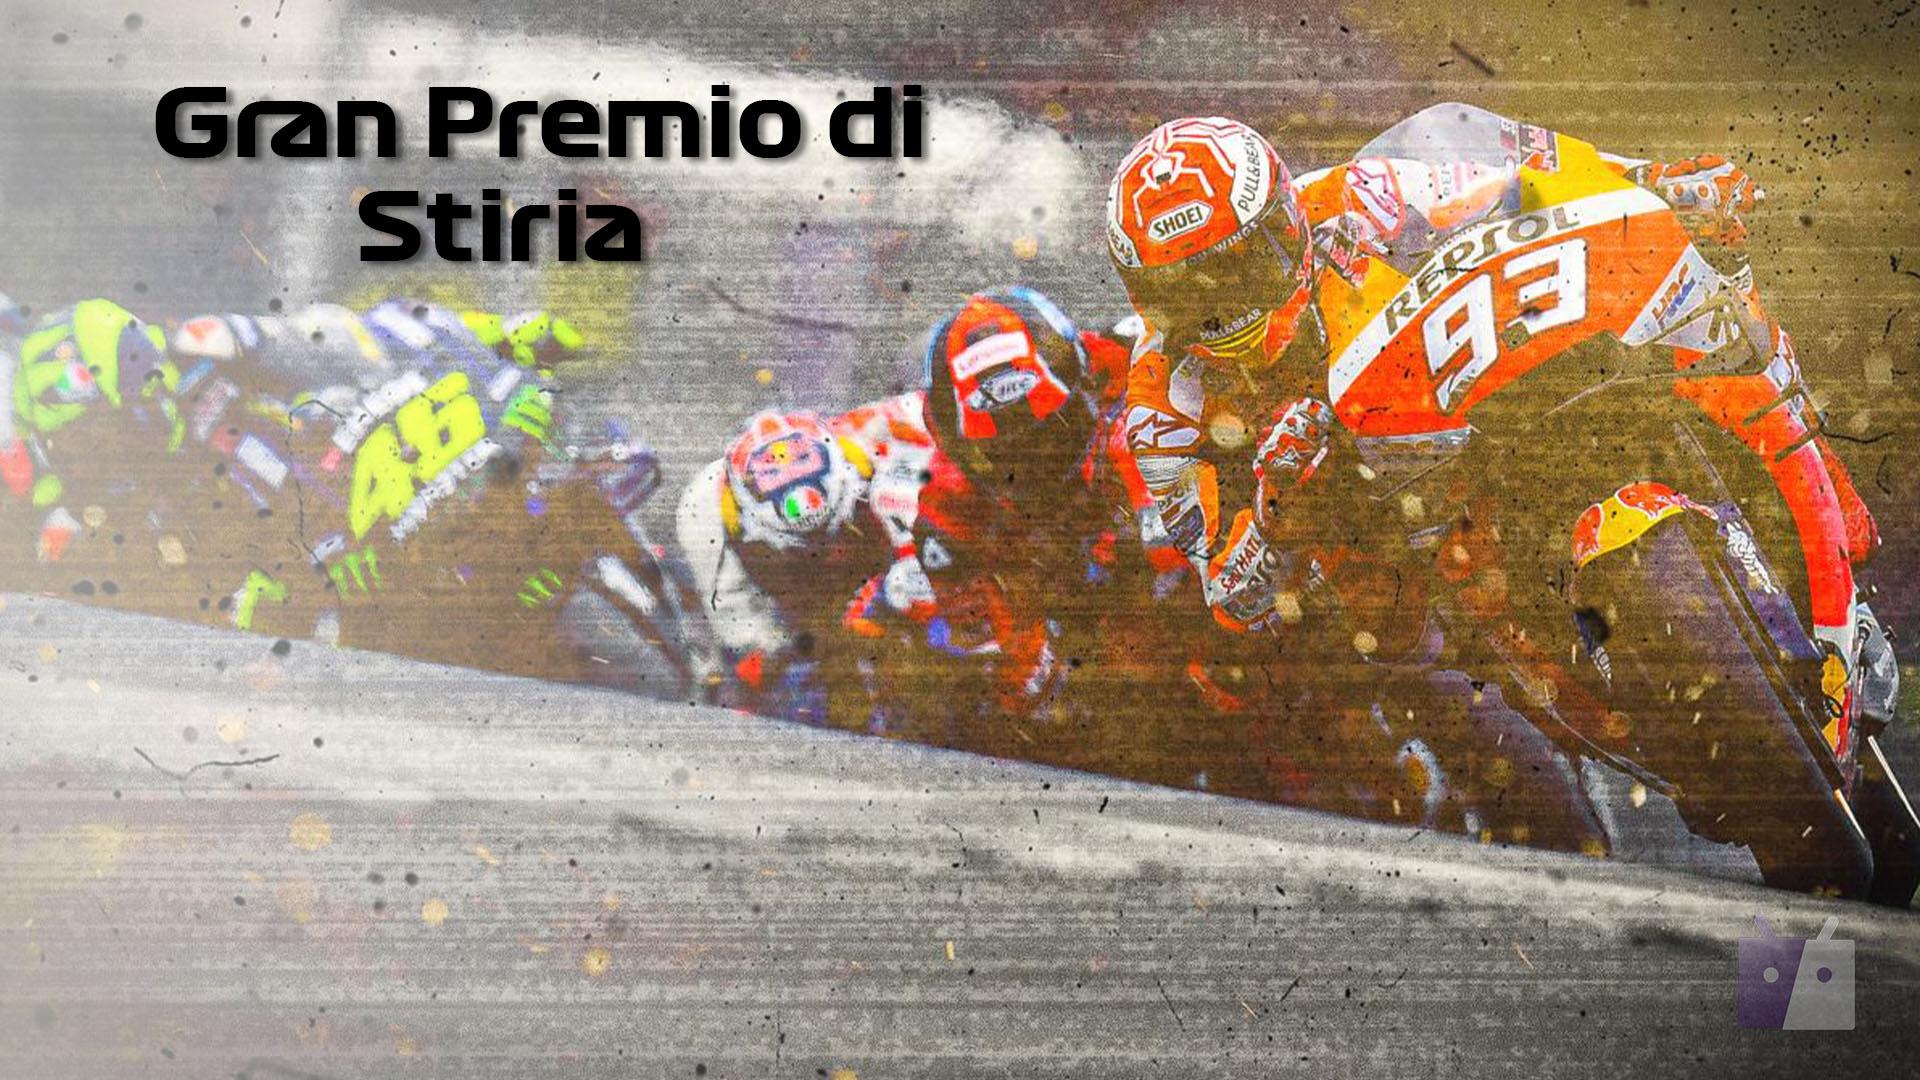 MotoGP, GP Di Stiria 2020: dove vedere la gara in TV e streaming